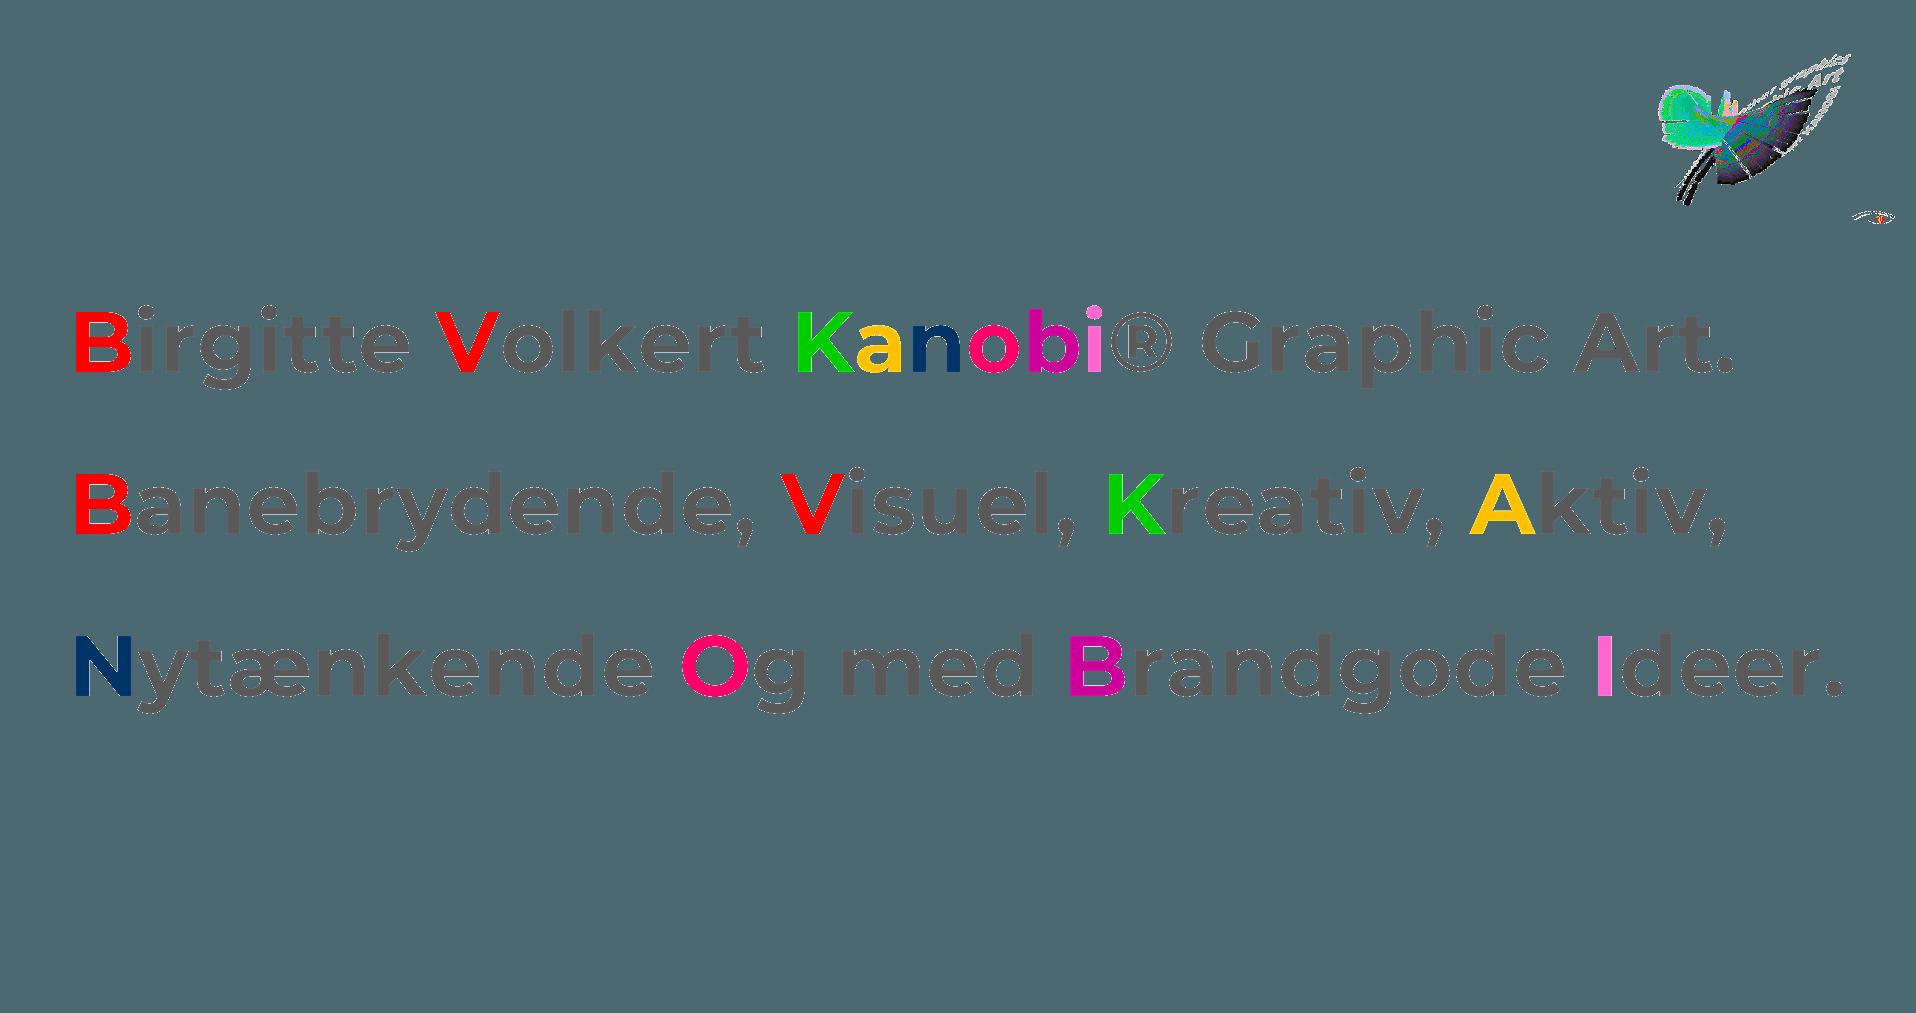 Navnet Kanobi® https://www.birgittevolkert.dk/kreativ-grafik/tekst